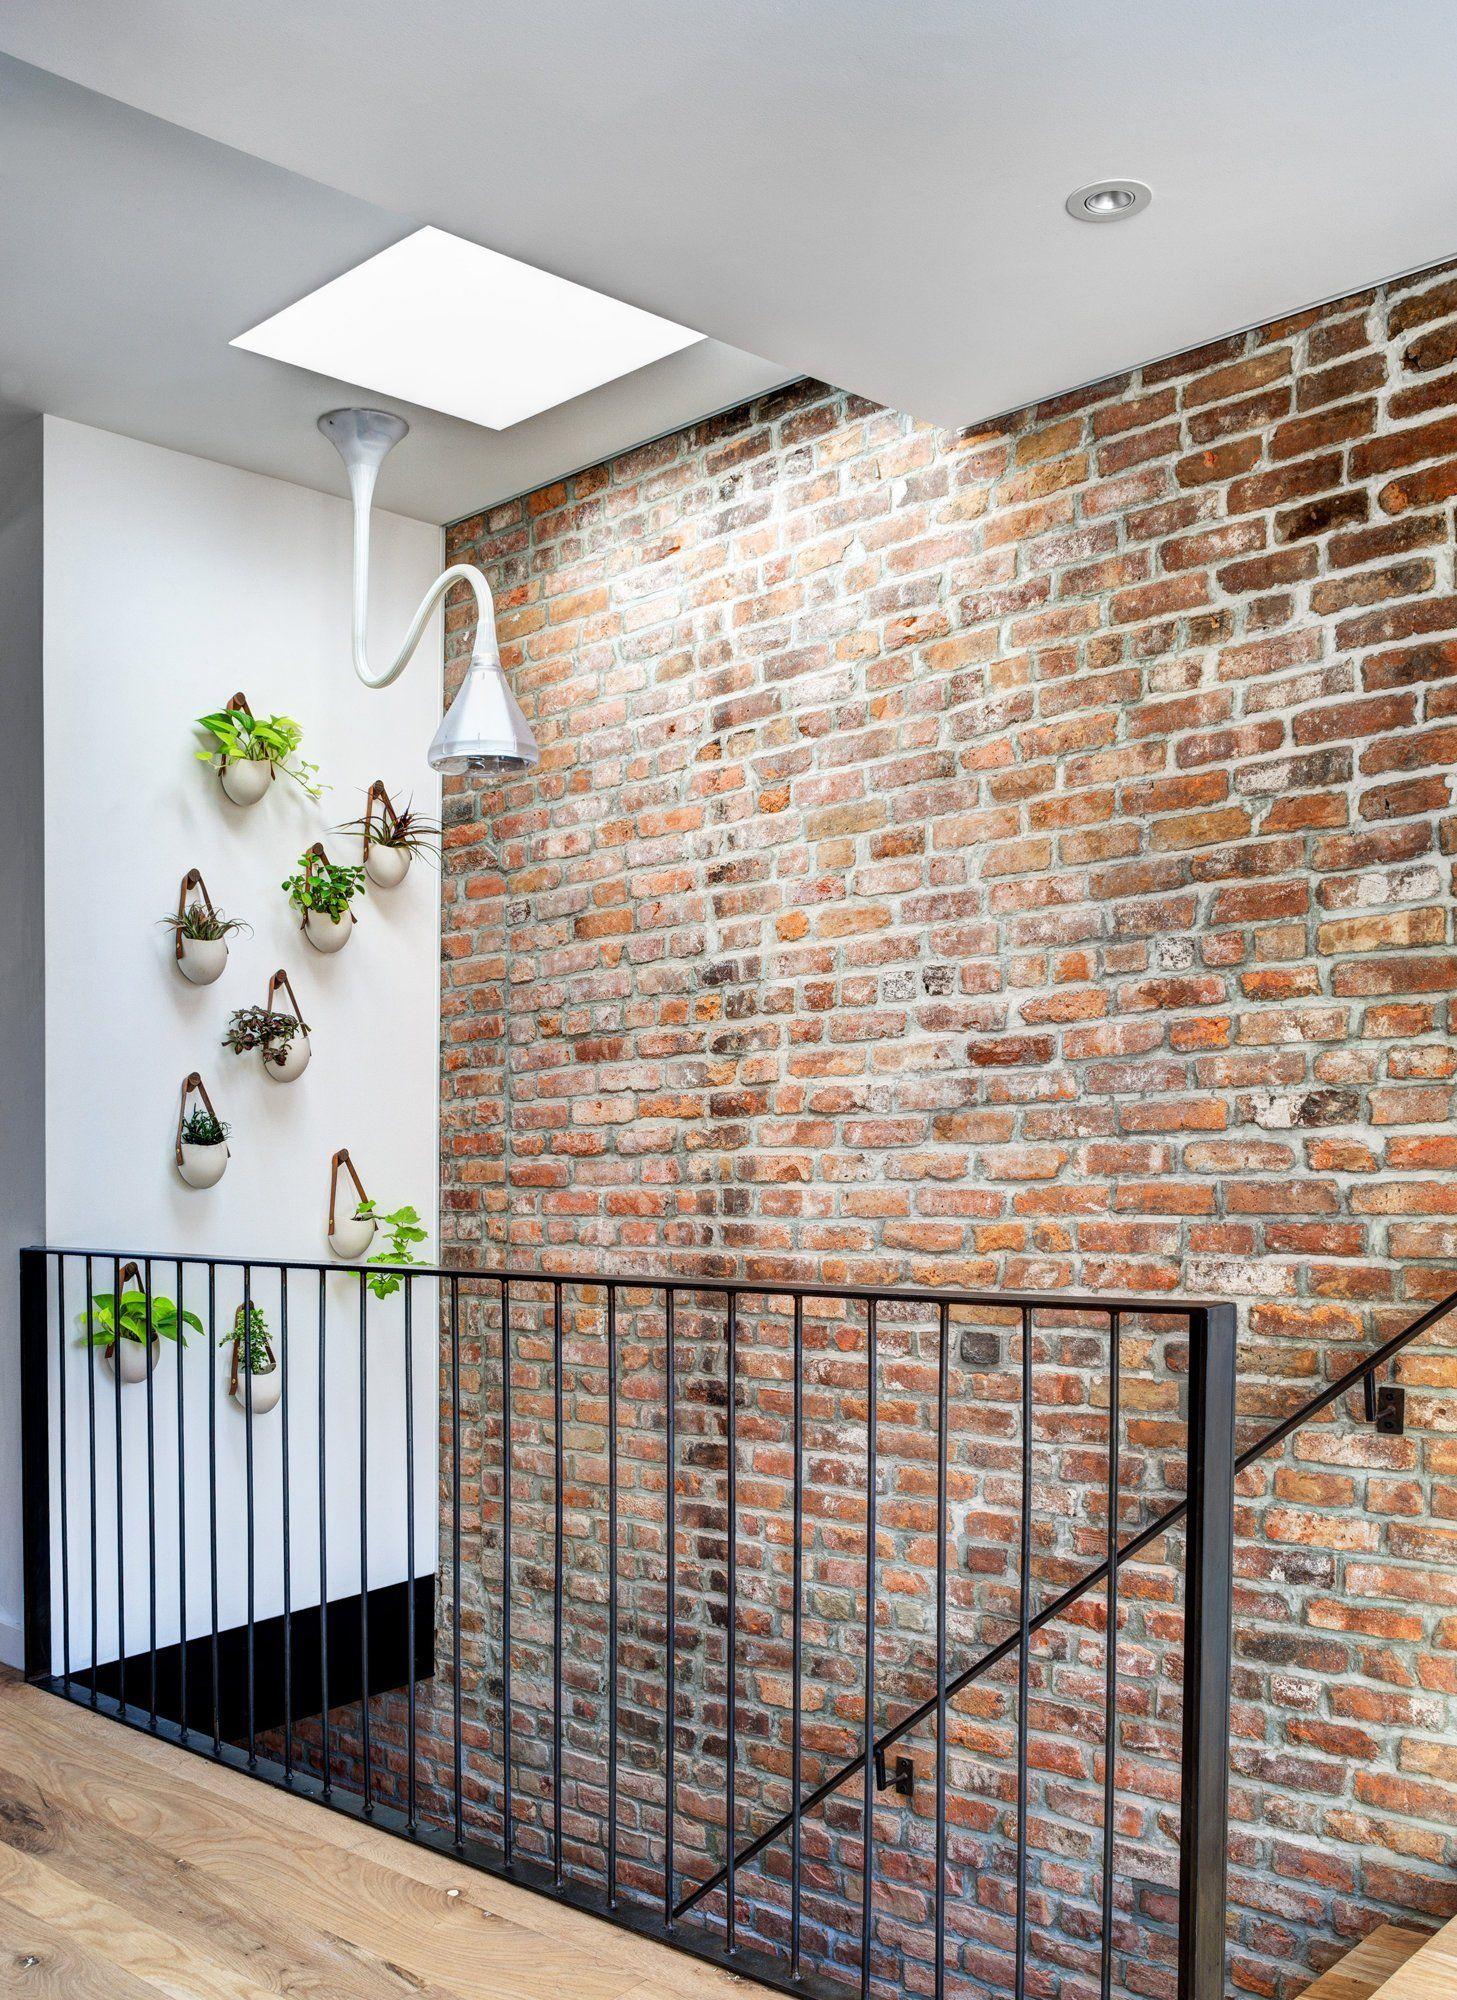 Faire Un Mur De Brique Intérieur une maison en briques rouges à brooklyn   maison en brique